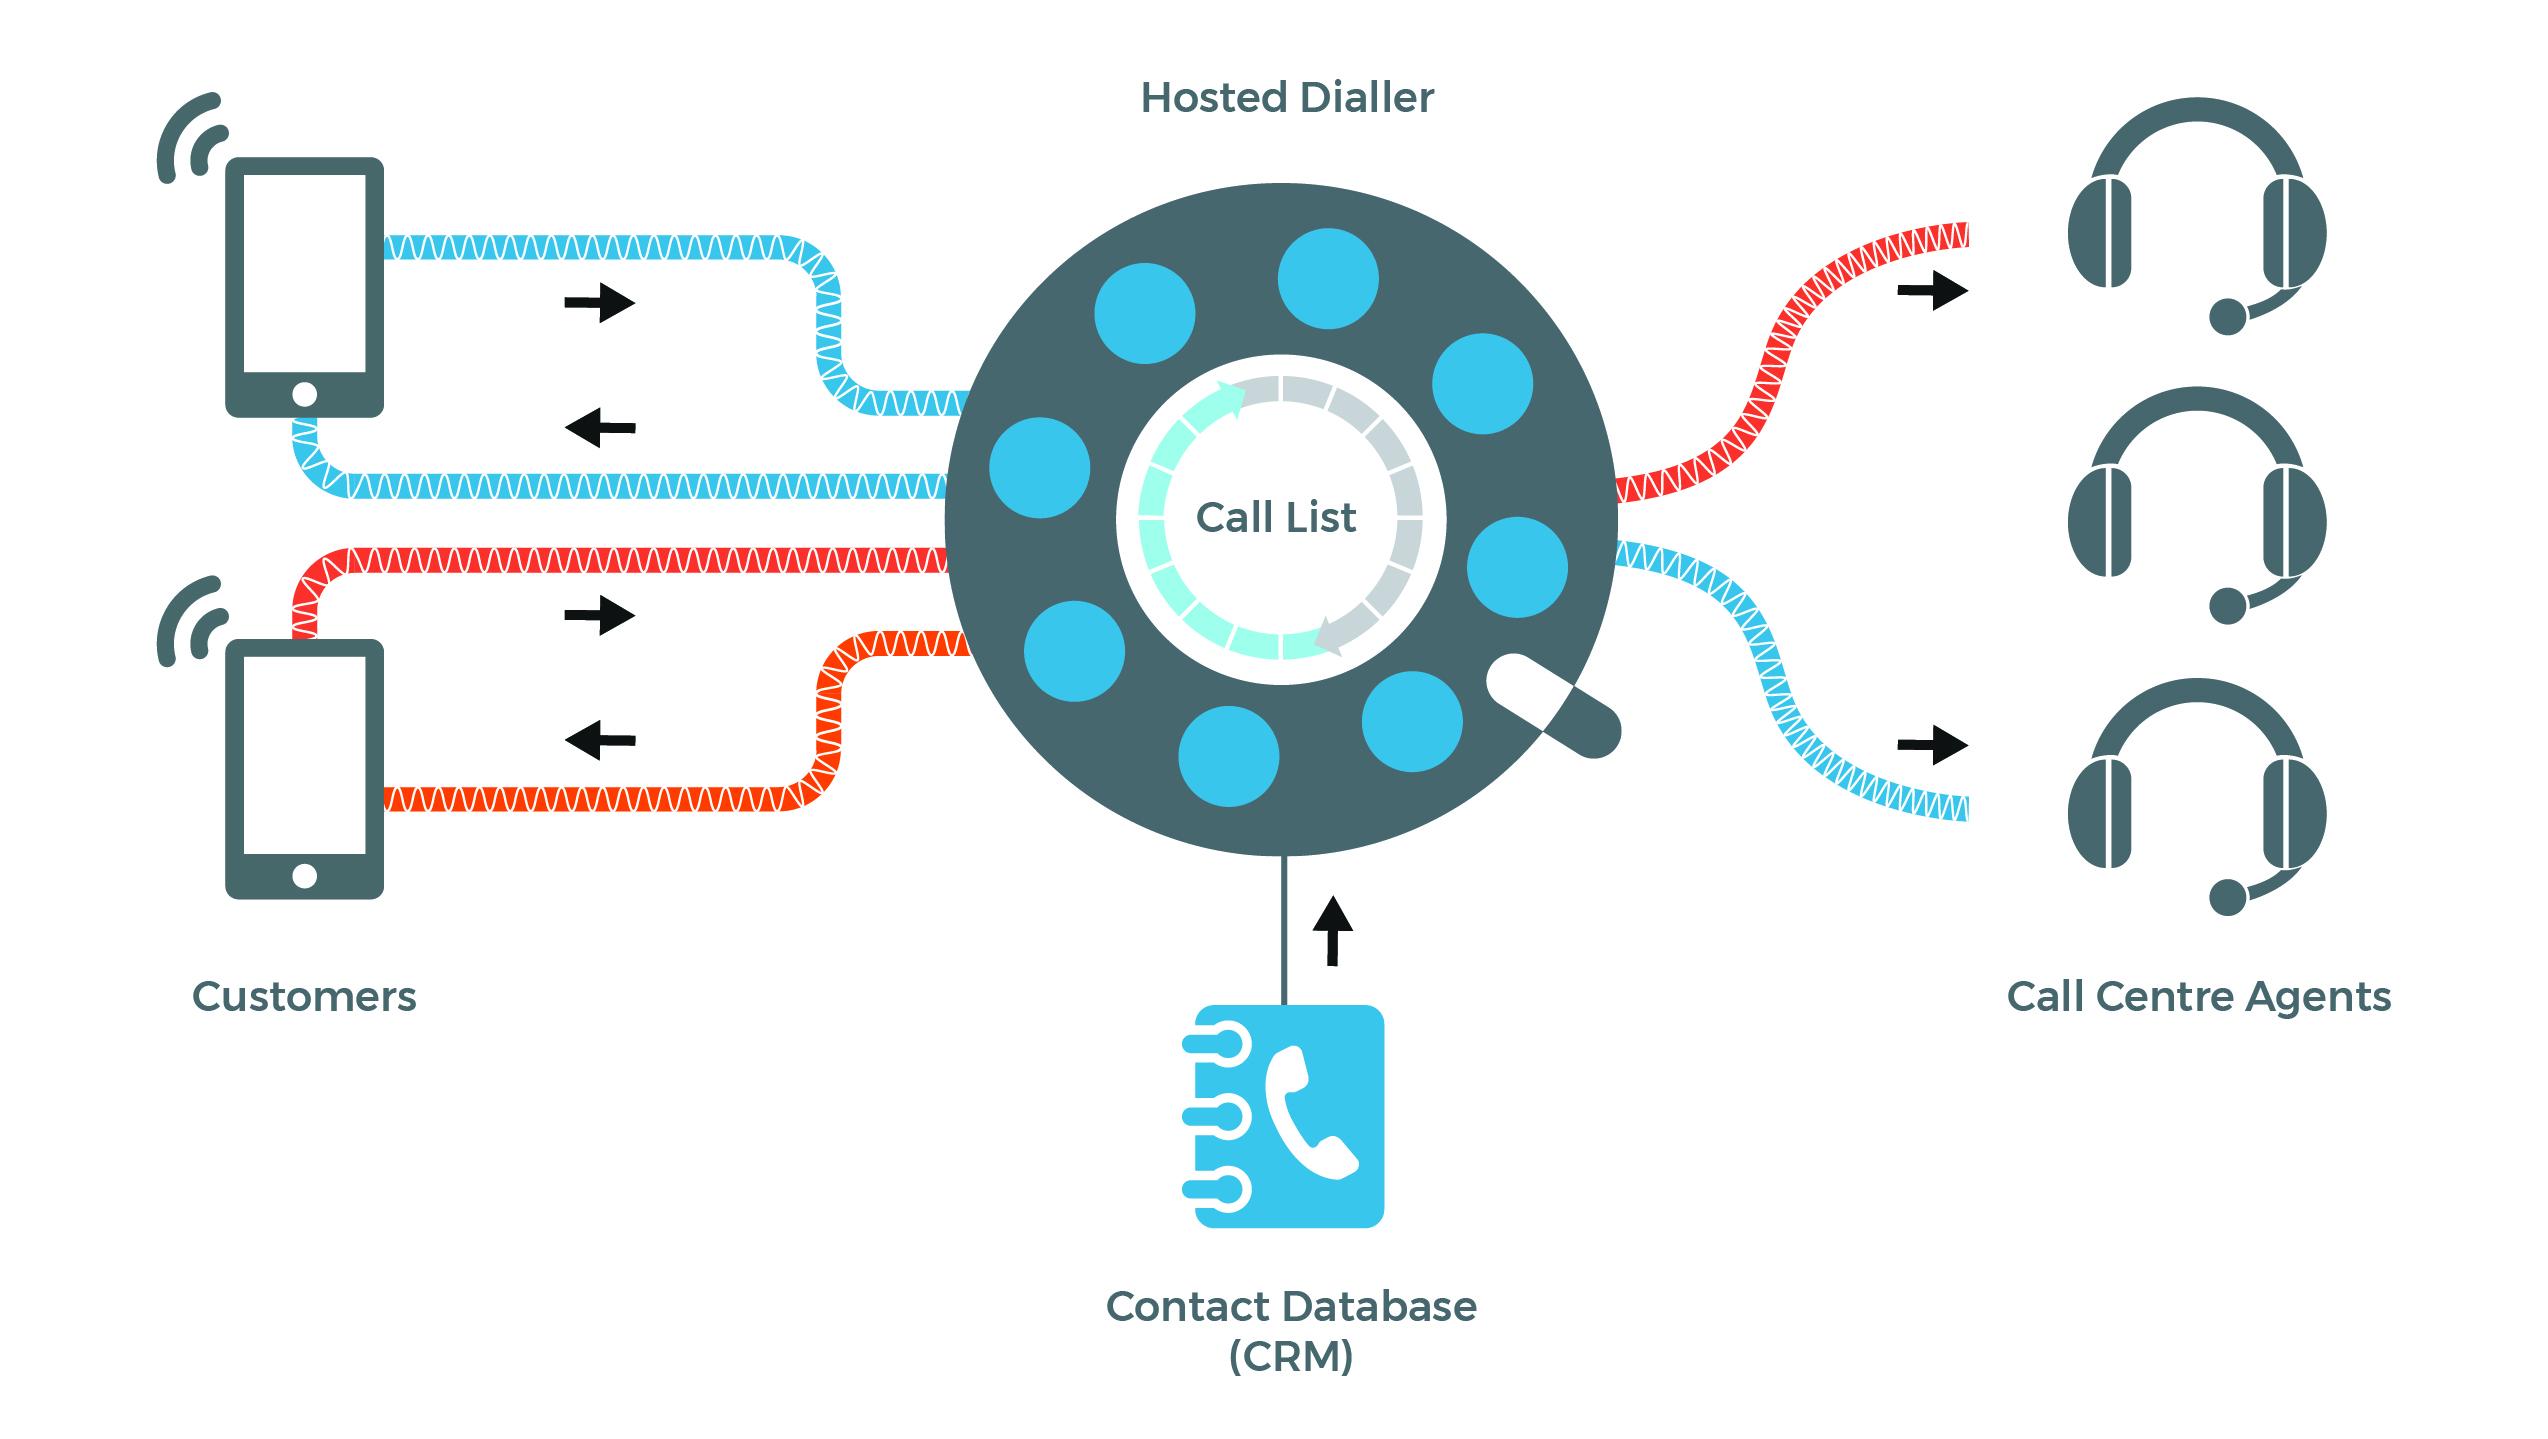 Hosted-Dialler-Diag.jpg#asset:1125